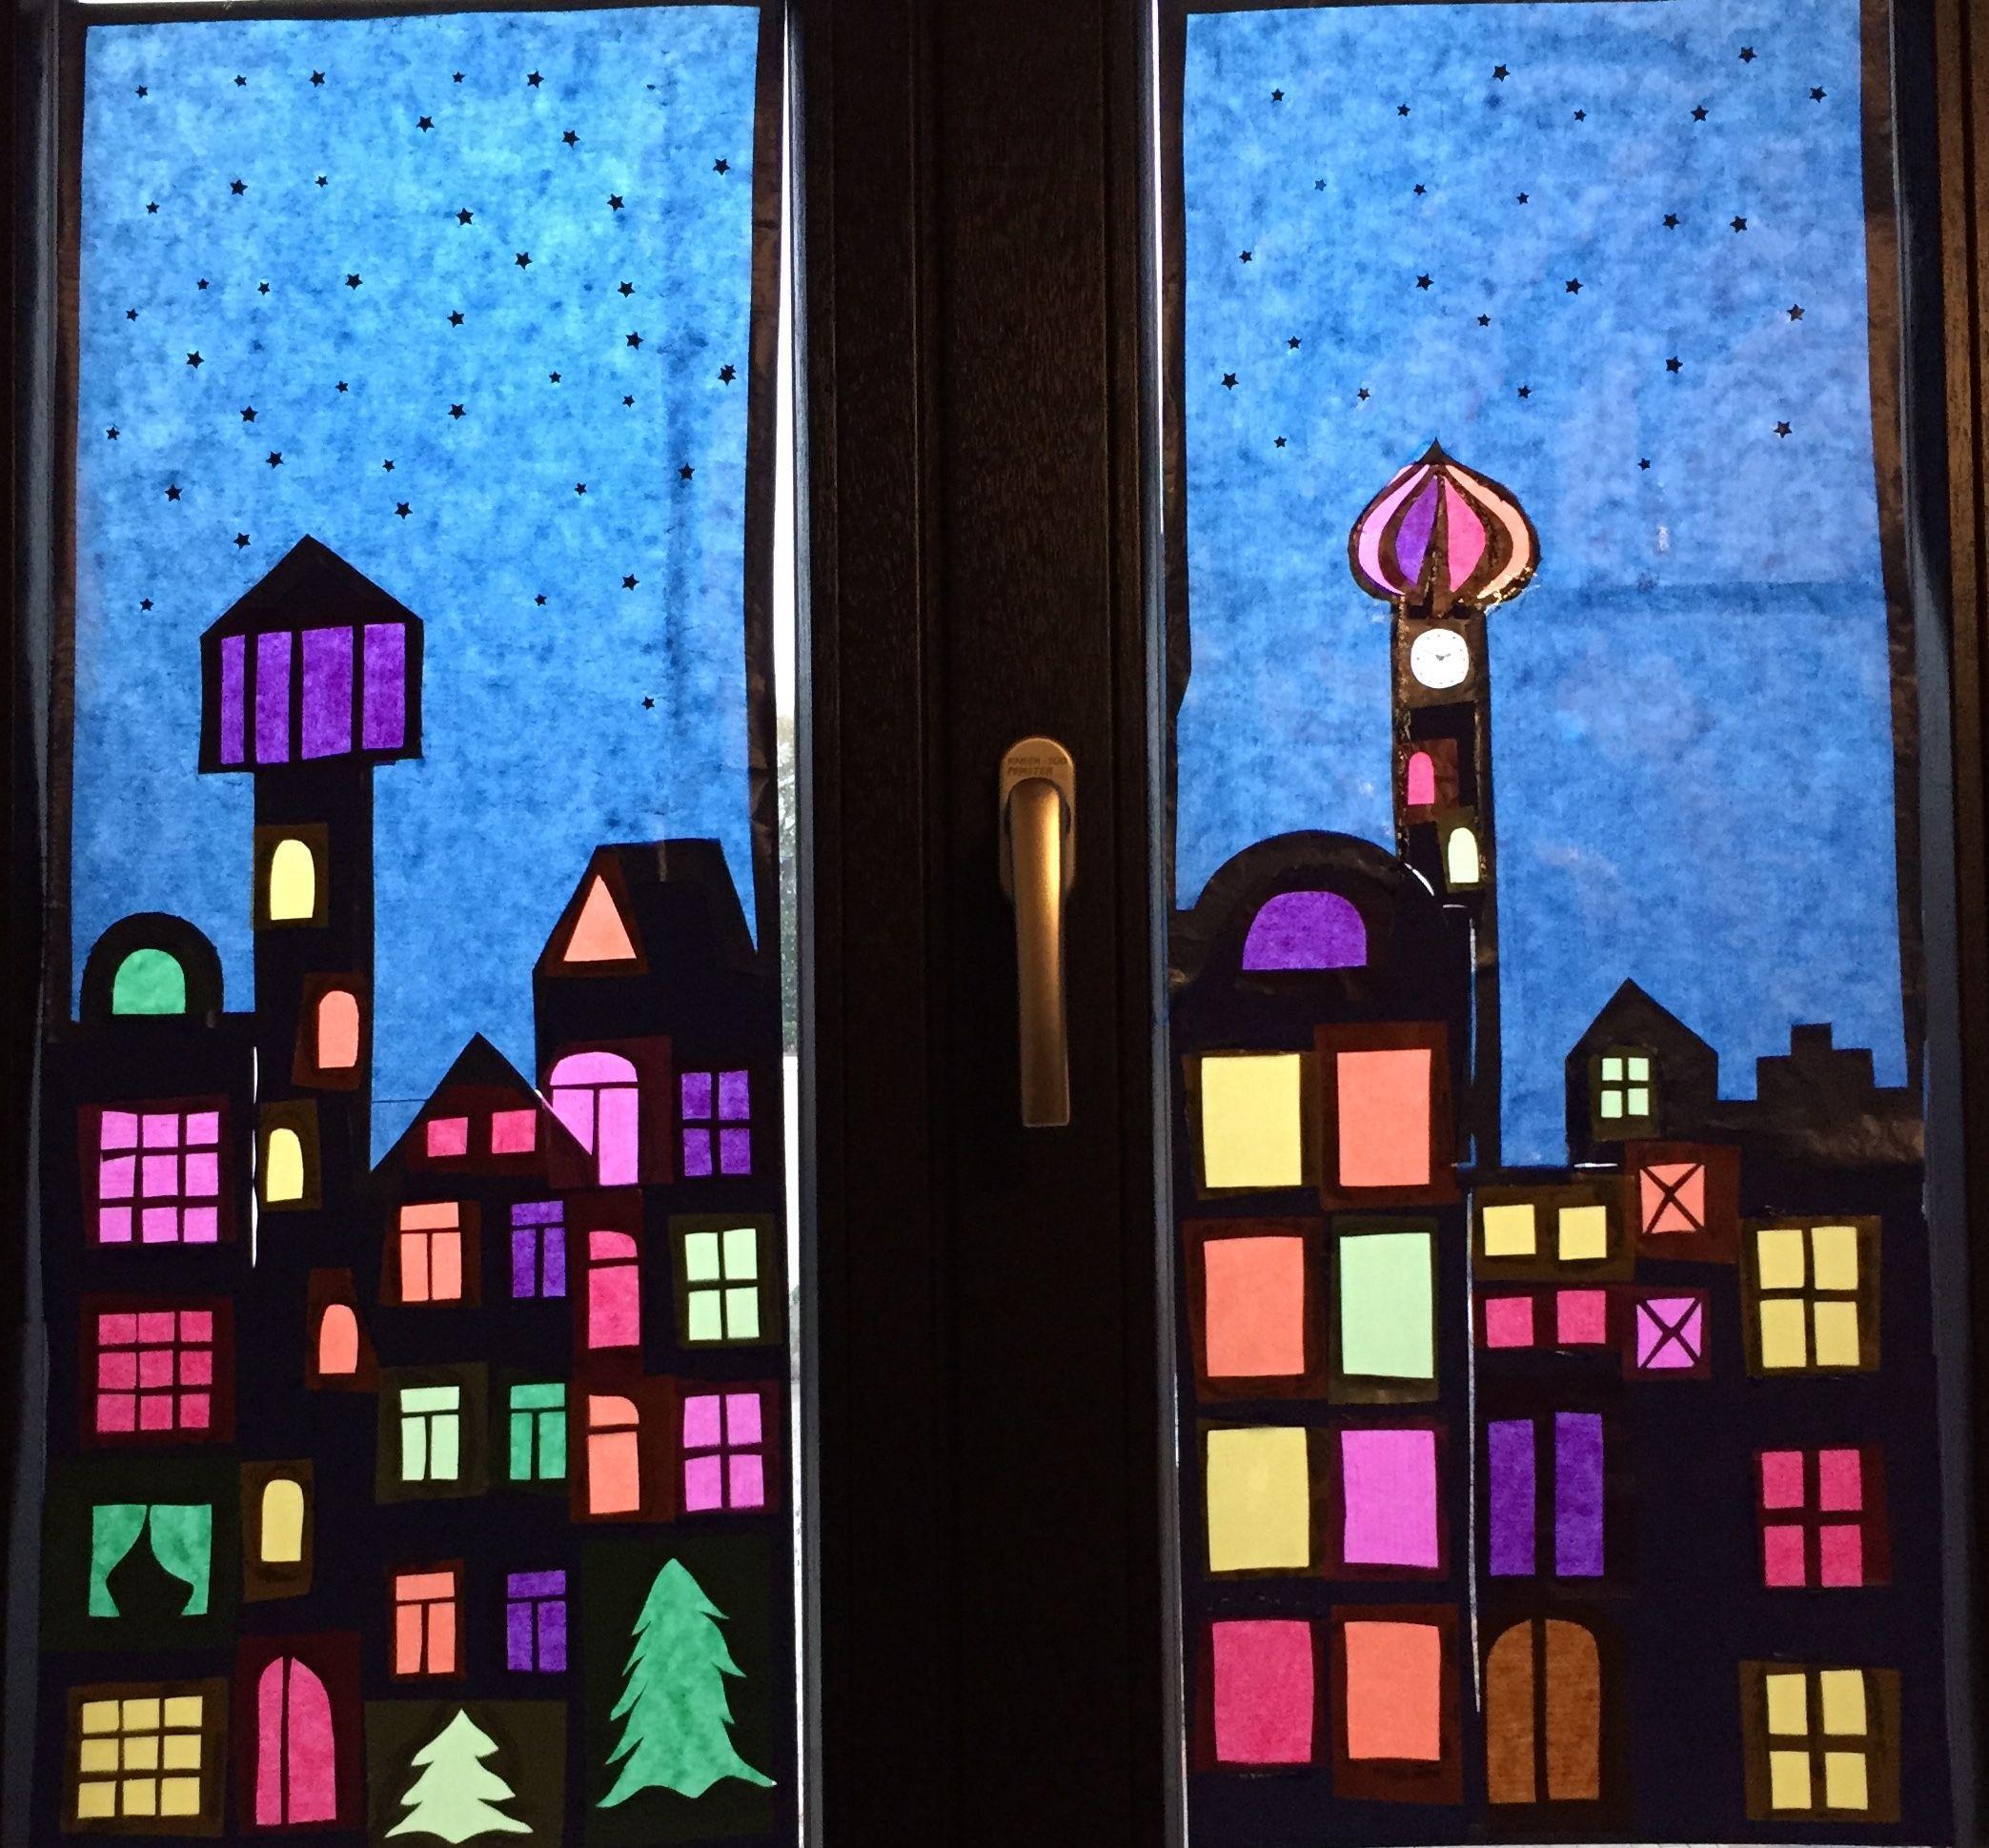 Fensterbild Weihnachten Fensterdekoweihnachtenbasteln Fensterbild Aus Tonpapier Mit Fensterbilder Weihnachten Basteln Fensterbilder Weihnachten Fensterbilder